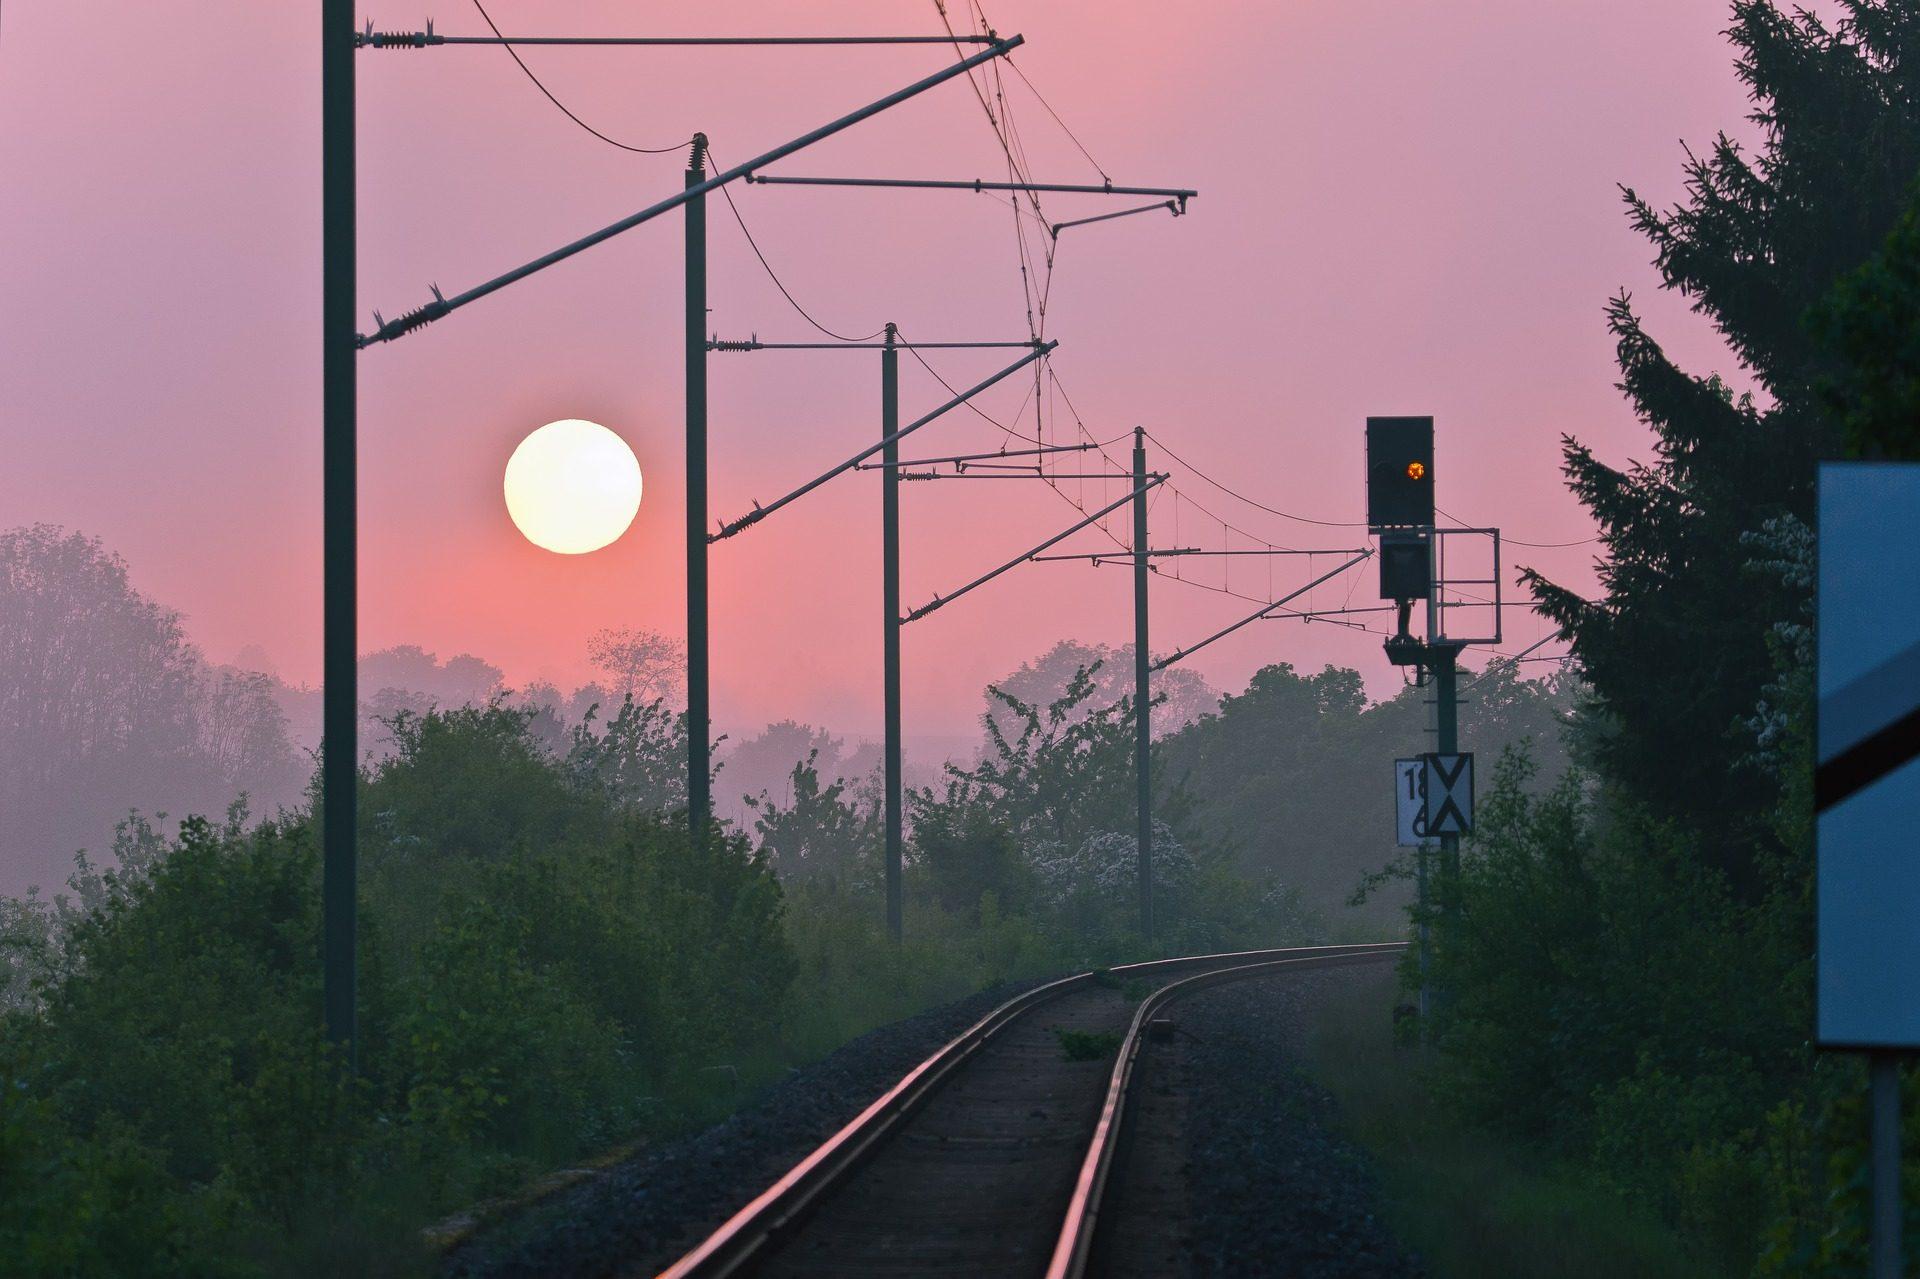 経路, 鉄道, トラフィック ライト, 電気, 太陽, サンセット - HD の壁紙 - 教授-falken.com